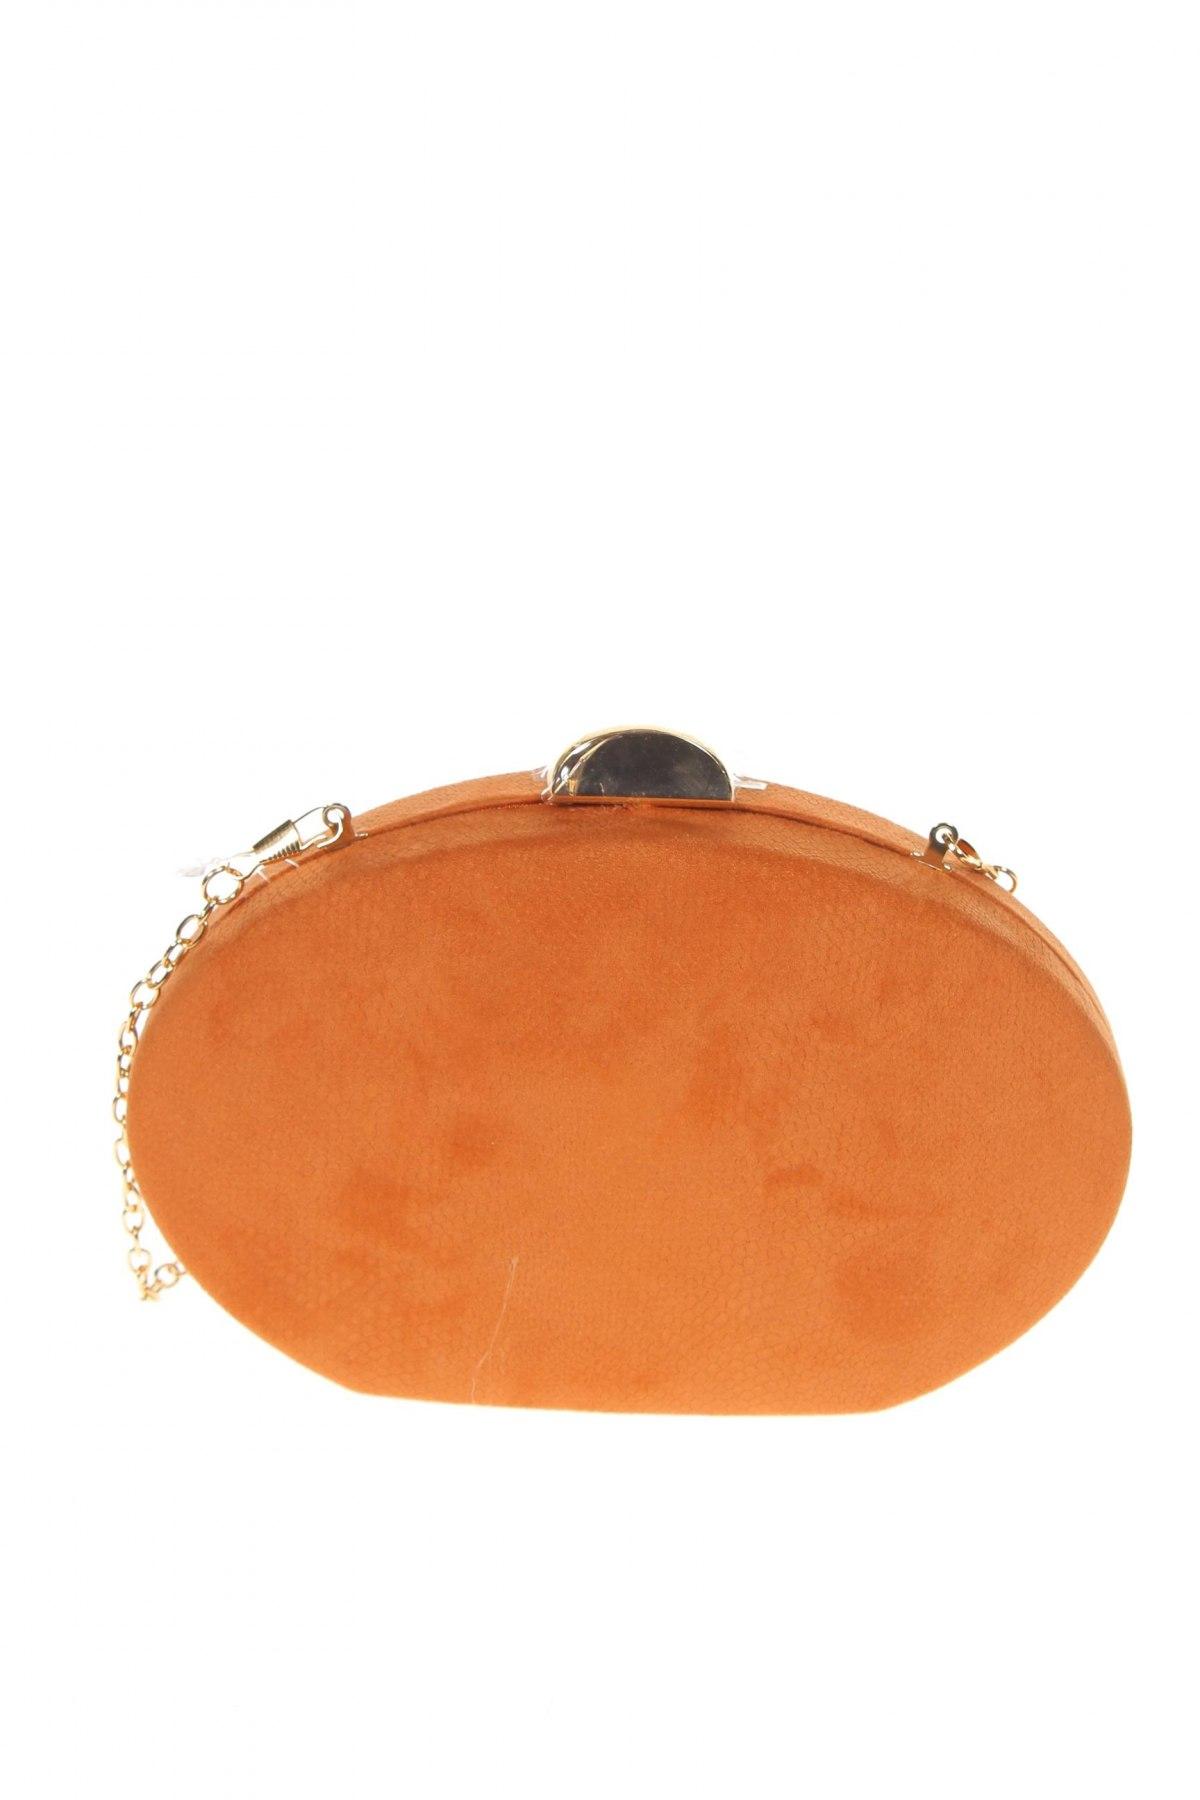 Дамска чанта Verde, Цвят Кафяв, Текстил, Цена 12,42лв.